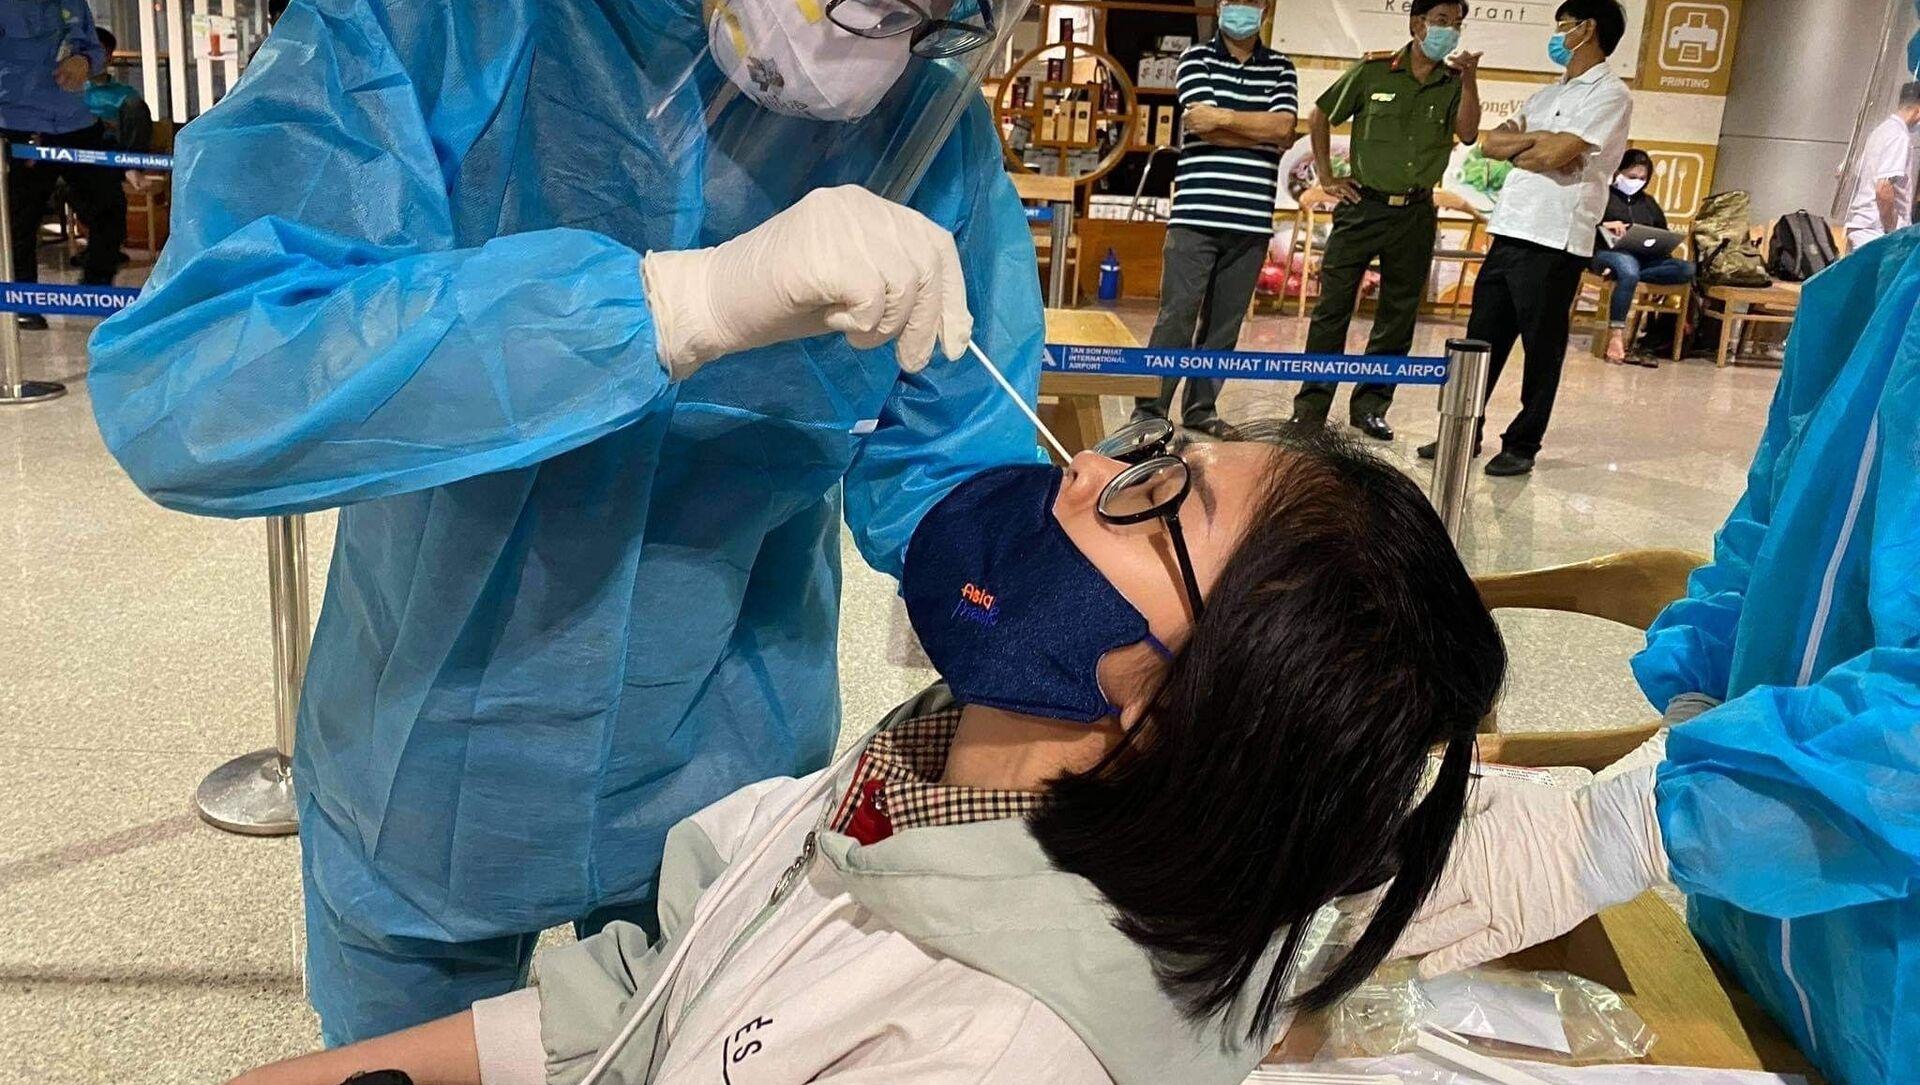 Thành phố Hồ Chí Minh lấy mẫu xét nghiệm COVID-19 hơn 7.300 nhân viên làm việc tại sân bay Tân Sơn Nhất - Sputnik Việt Nam, 1920, 09.02.2021